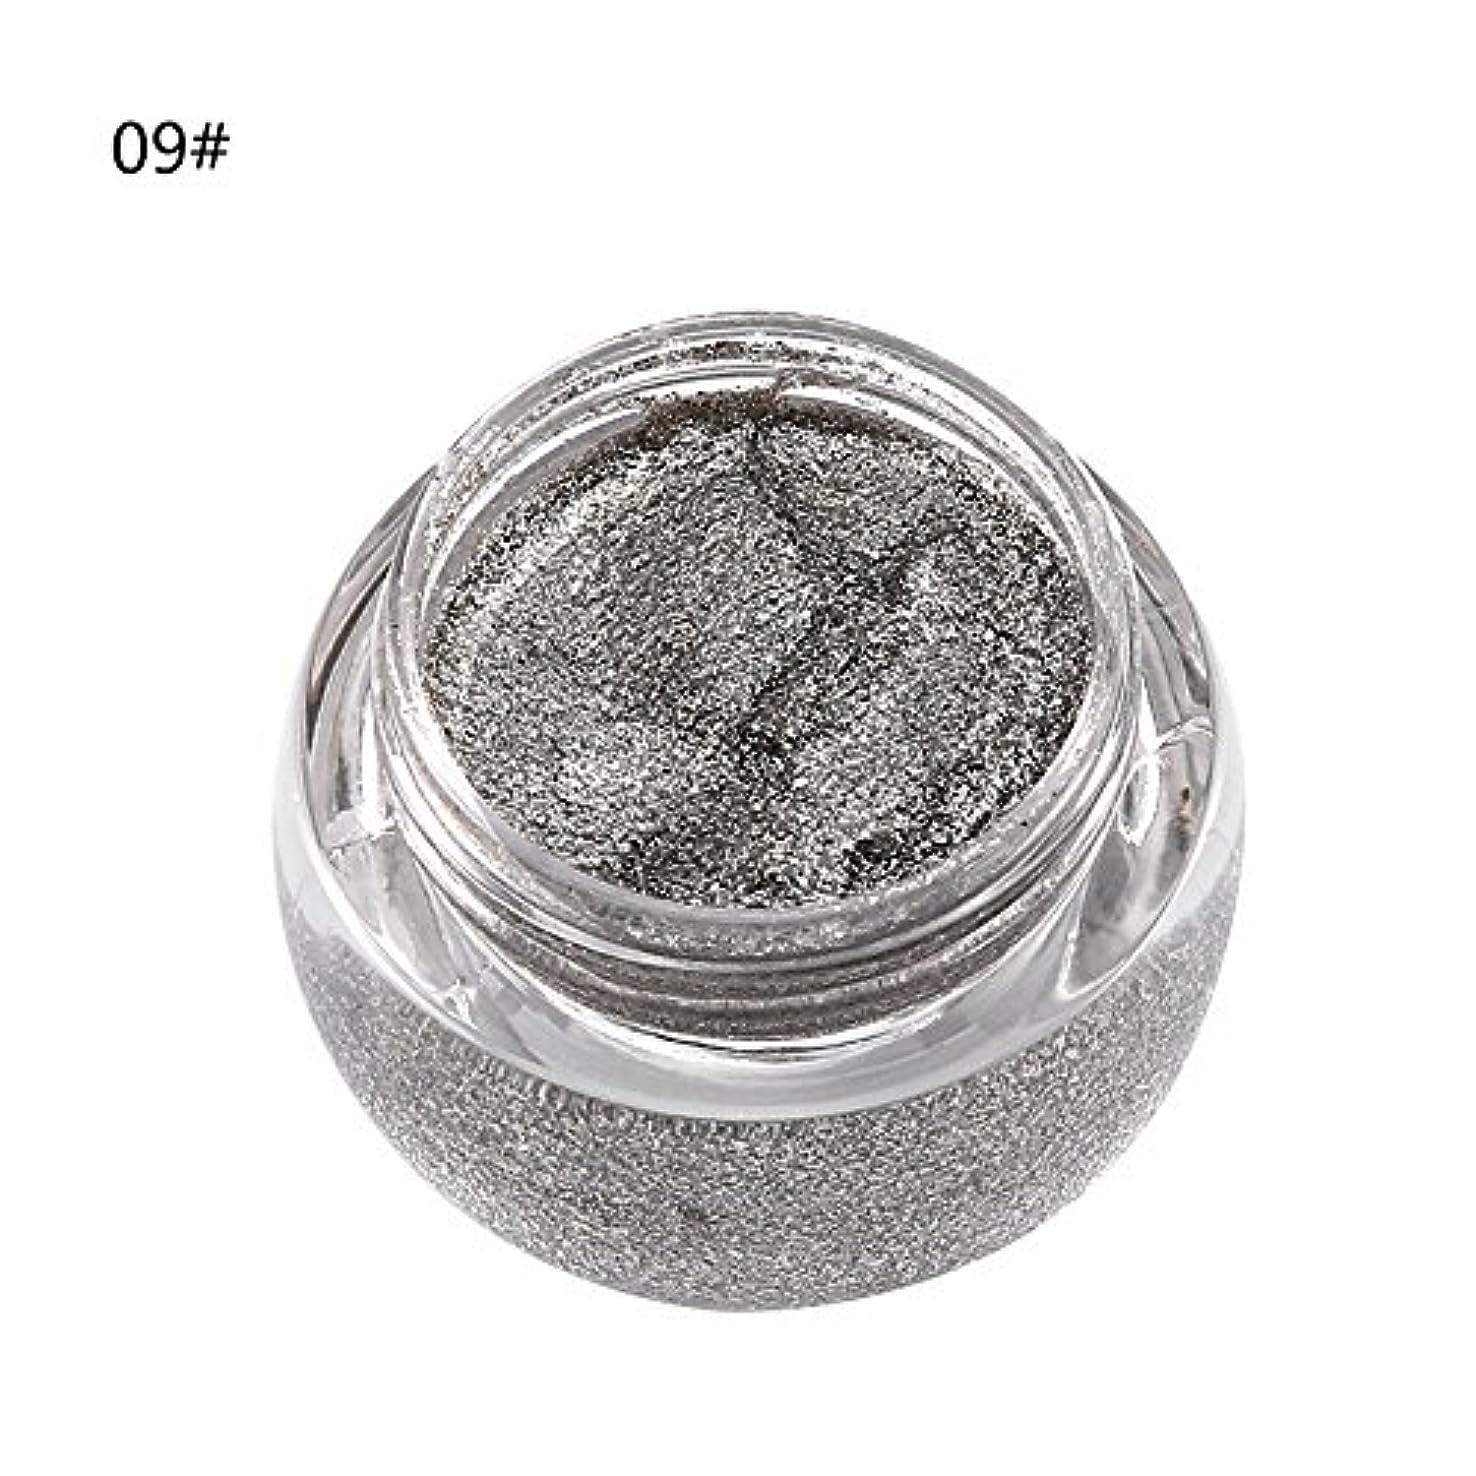 タイト測定可能惨めなアイシャドウ 単色 化粧品 光沢 保湿 キラキラ 美しい タイプ 09